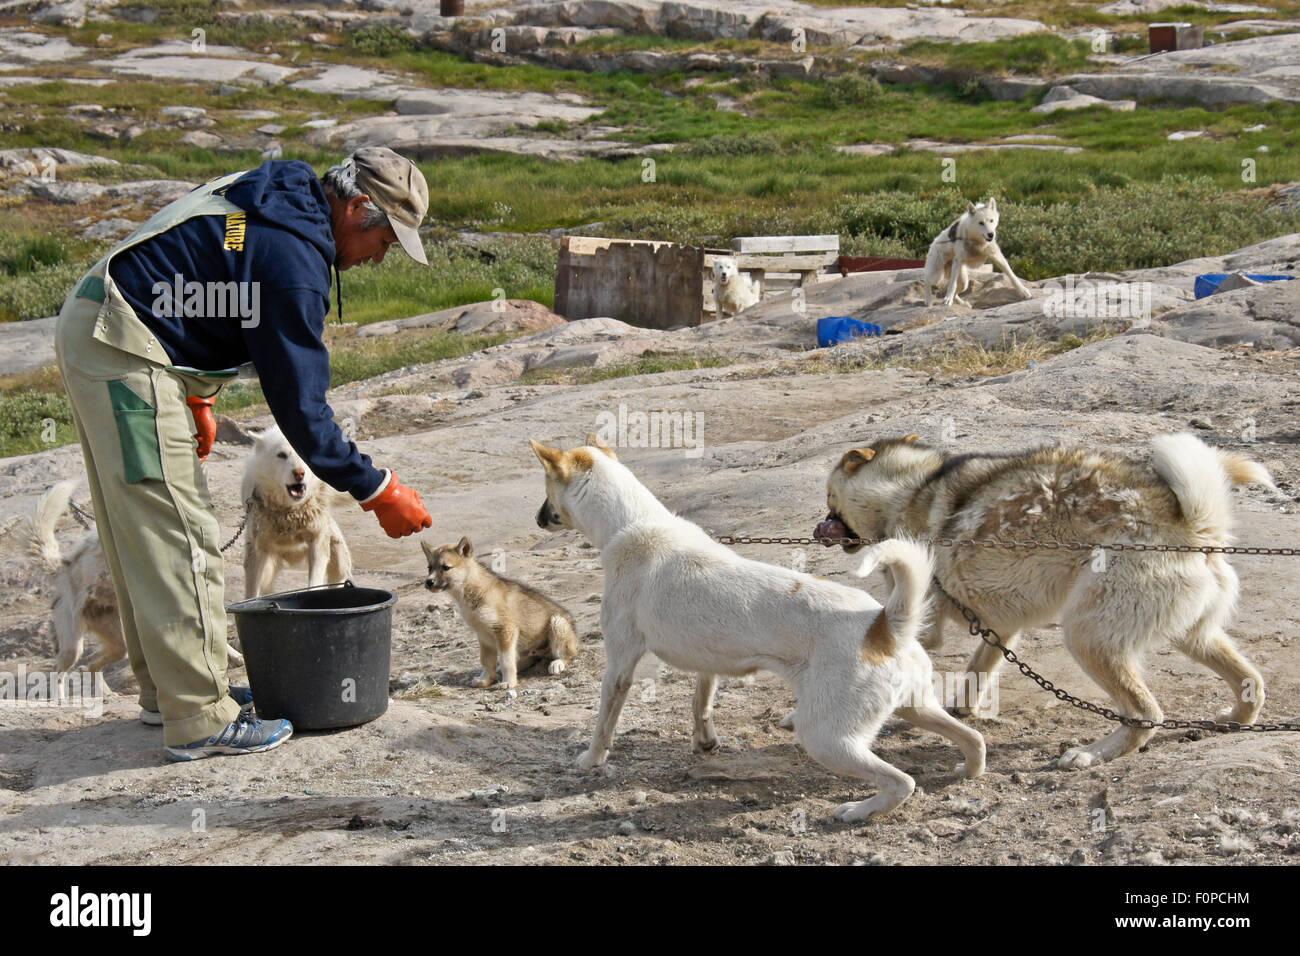 Man feeding sledge dogs, Ilulissat, West Greenland - Stock Image